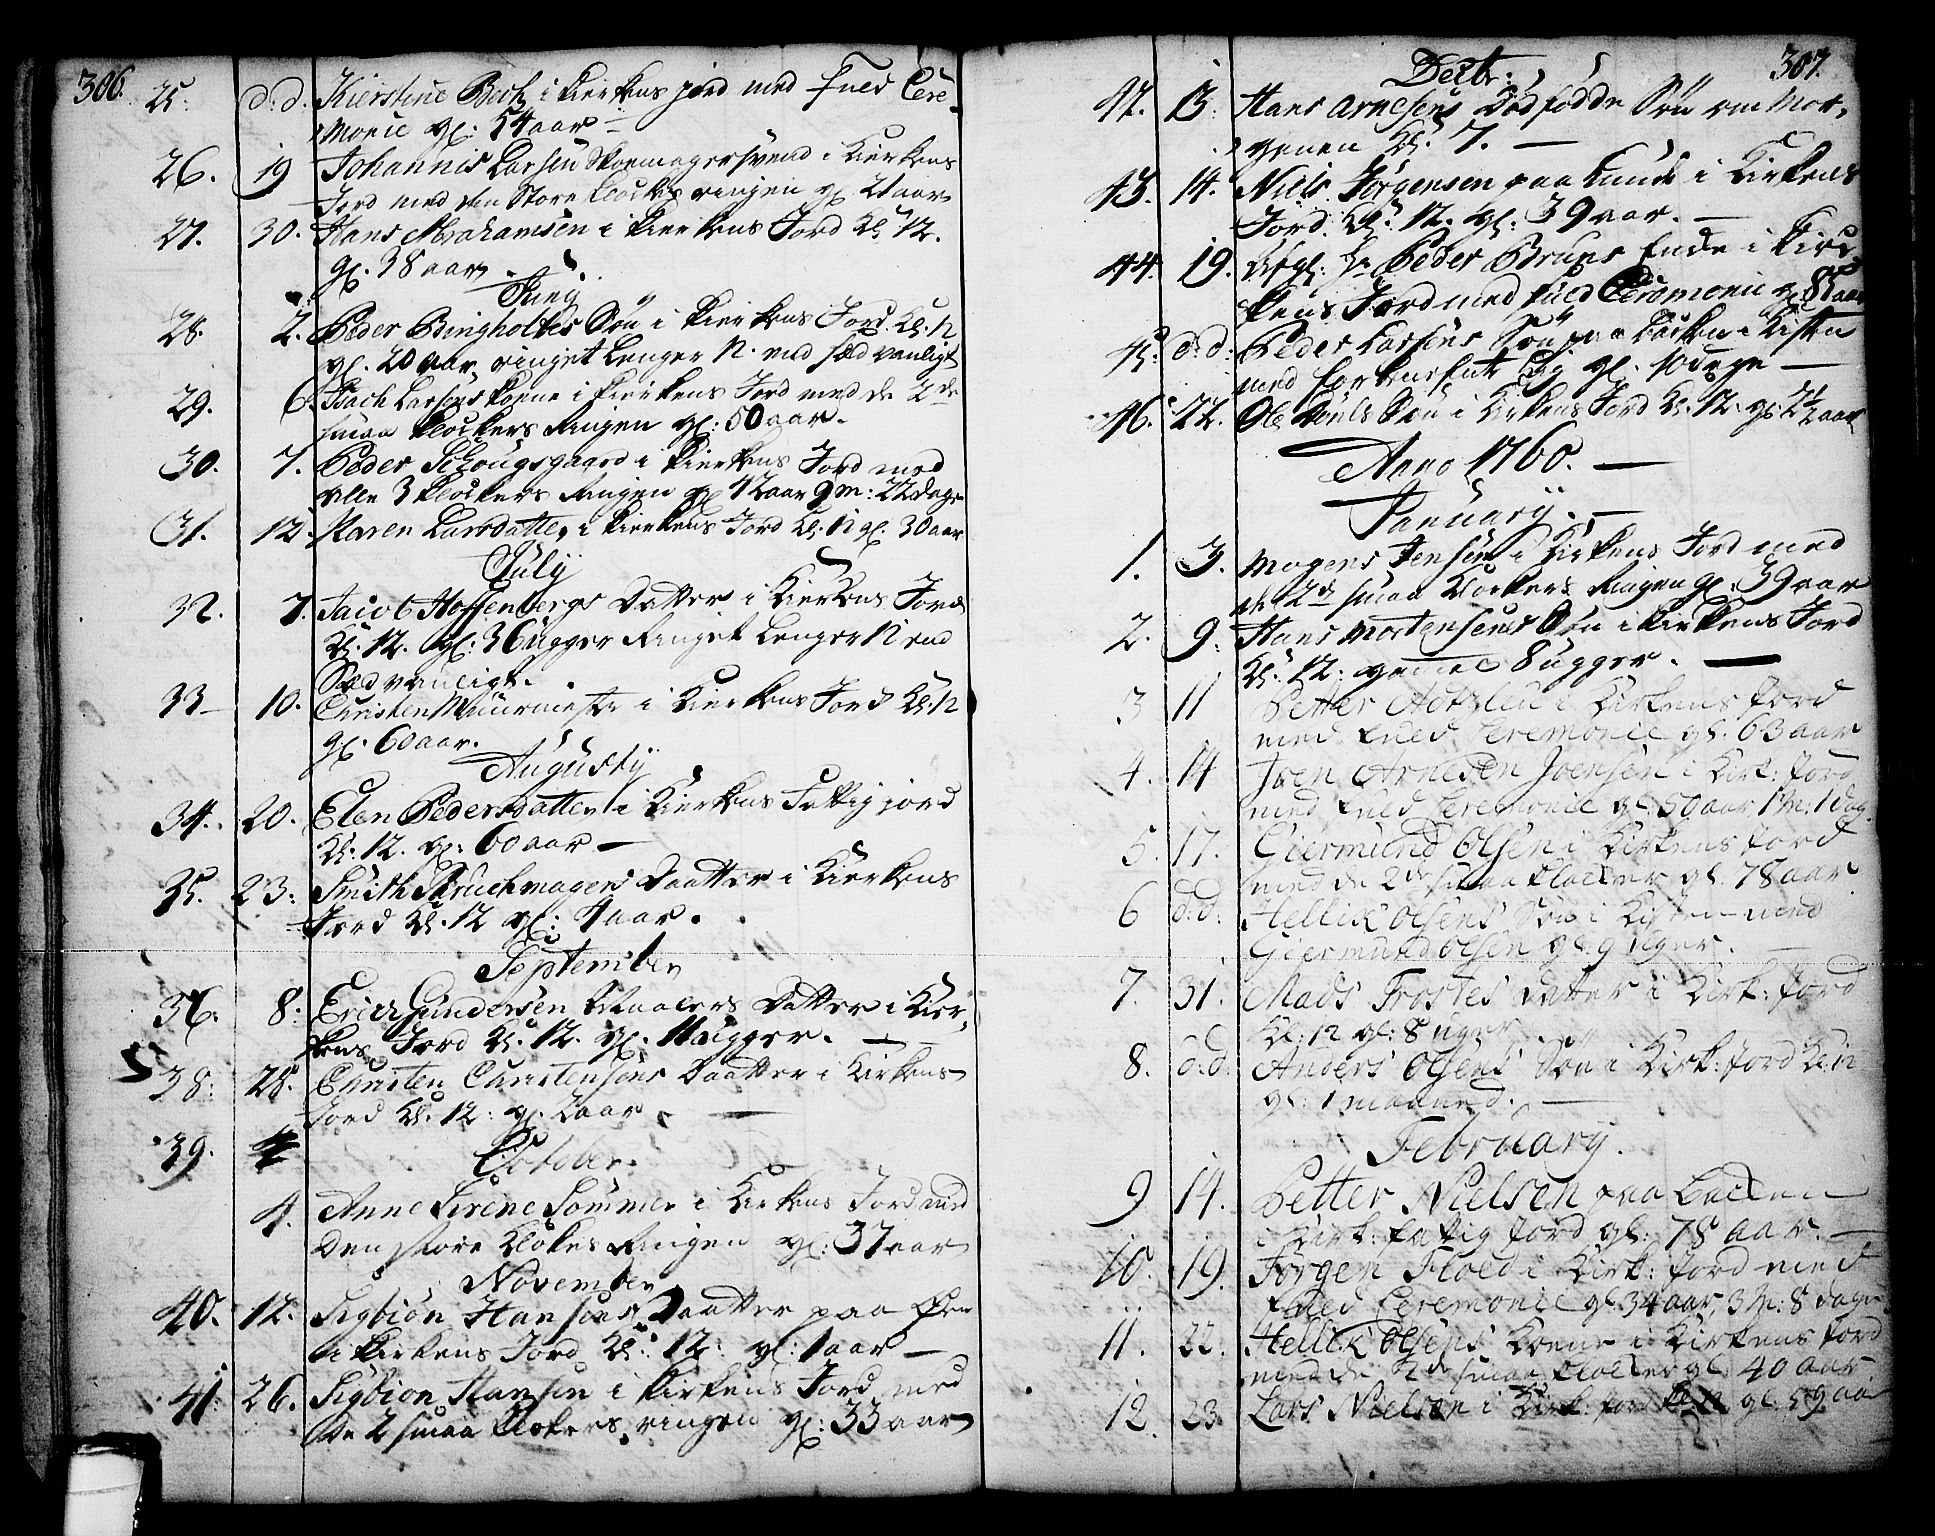 SAKO, Skien kirkebøker, F/Fa/L0003: Ministerialbok nr. 3, 1755-1791, s. 306-307